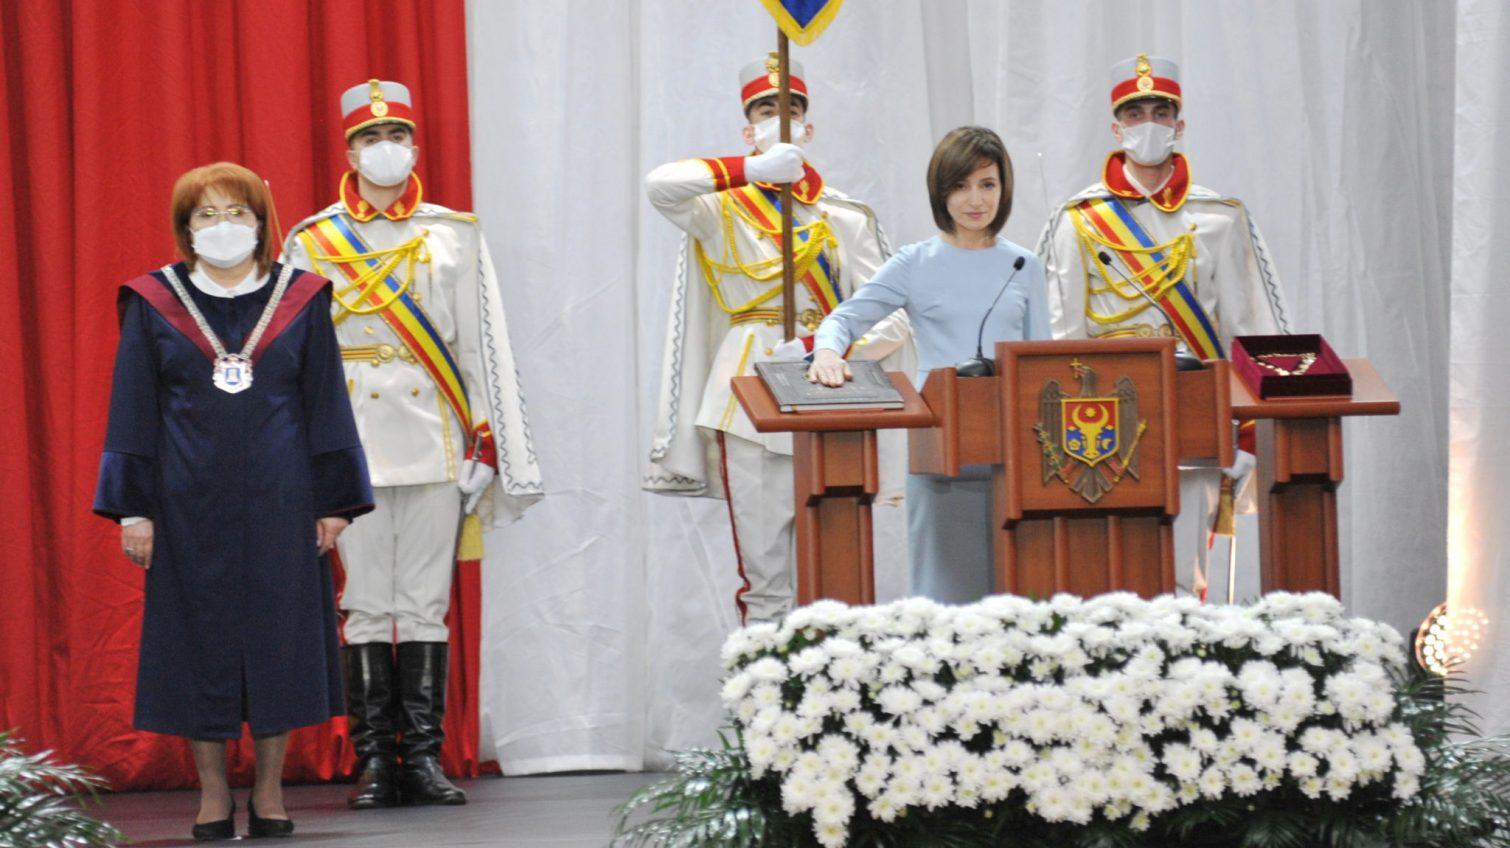 Пешком на инаугурацию: Майя Санду приняла присягу президента Молдовы (фото) «фото»